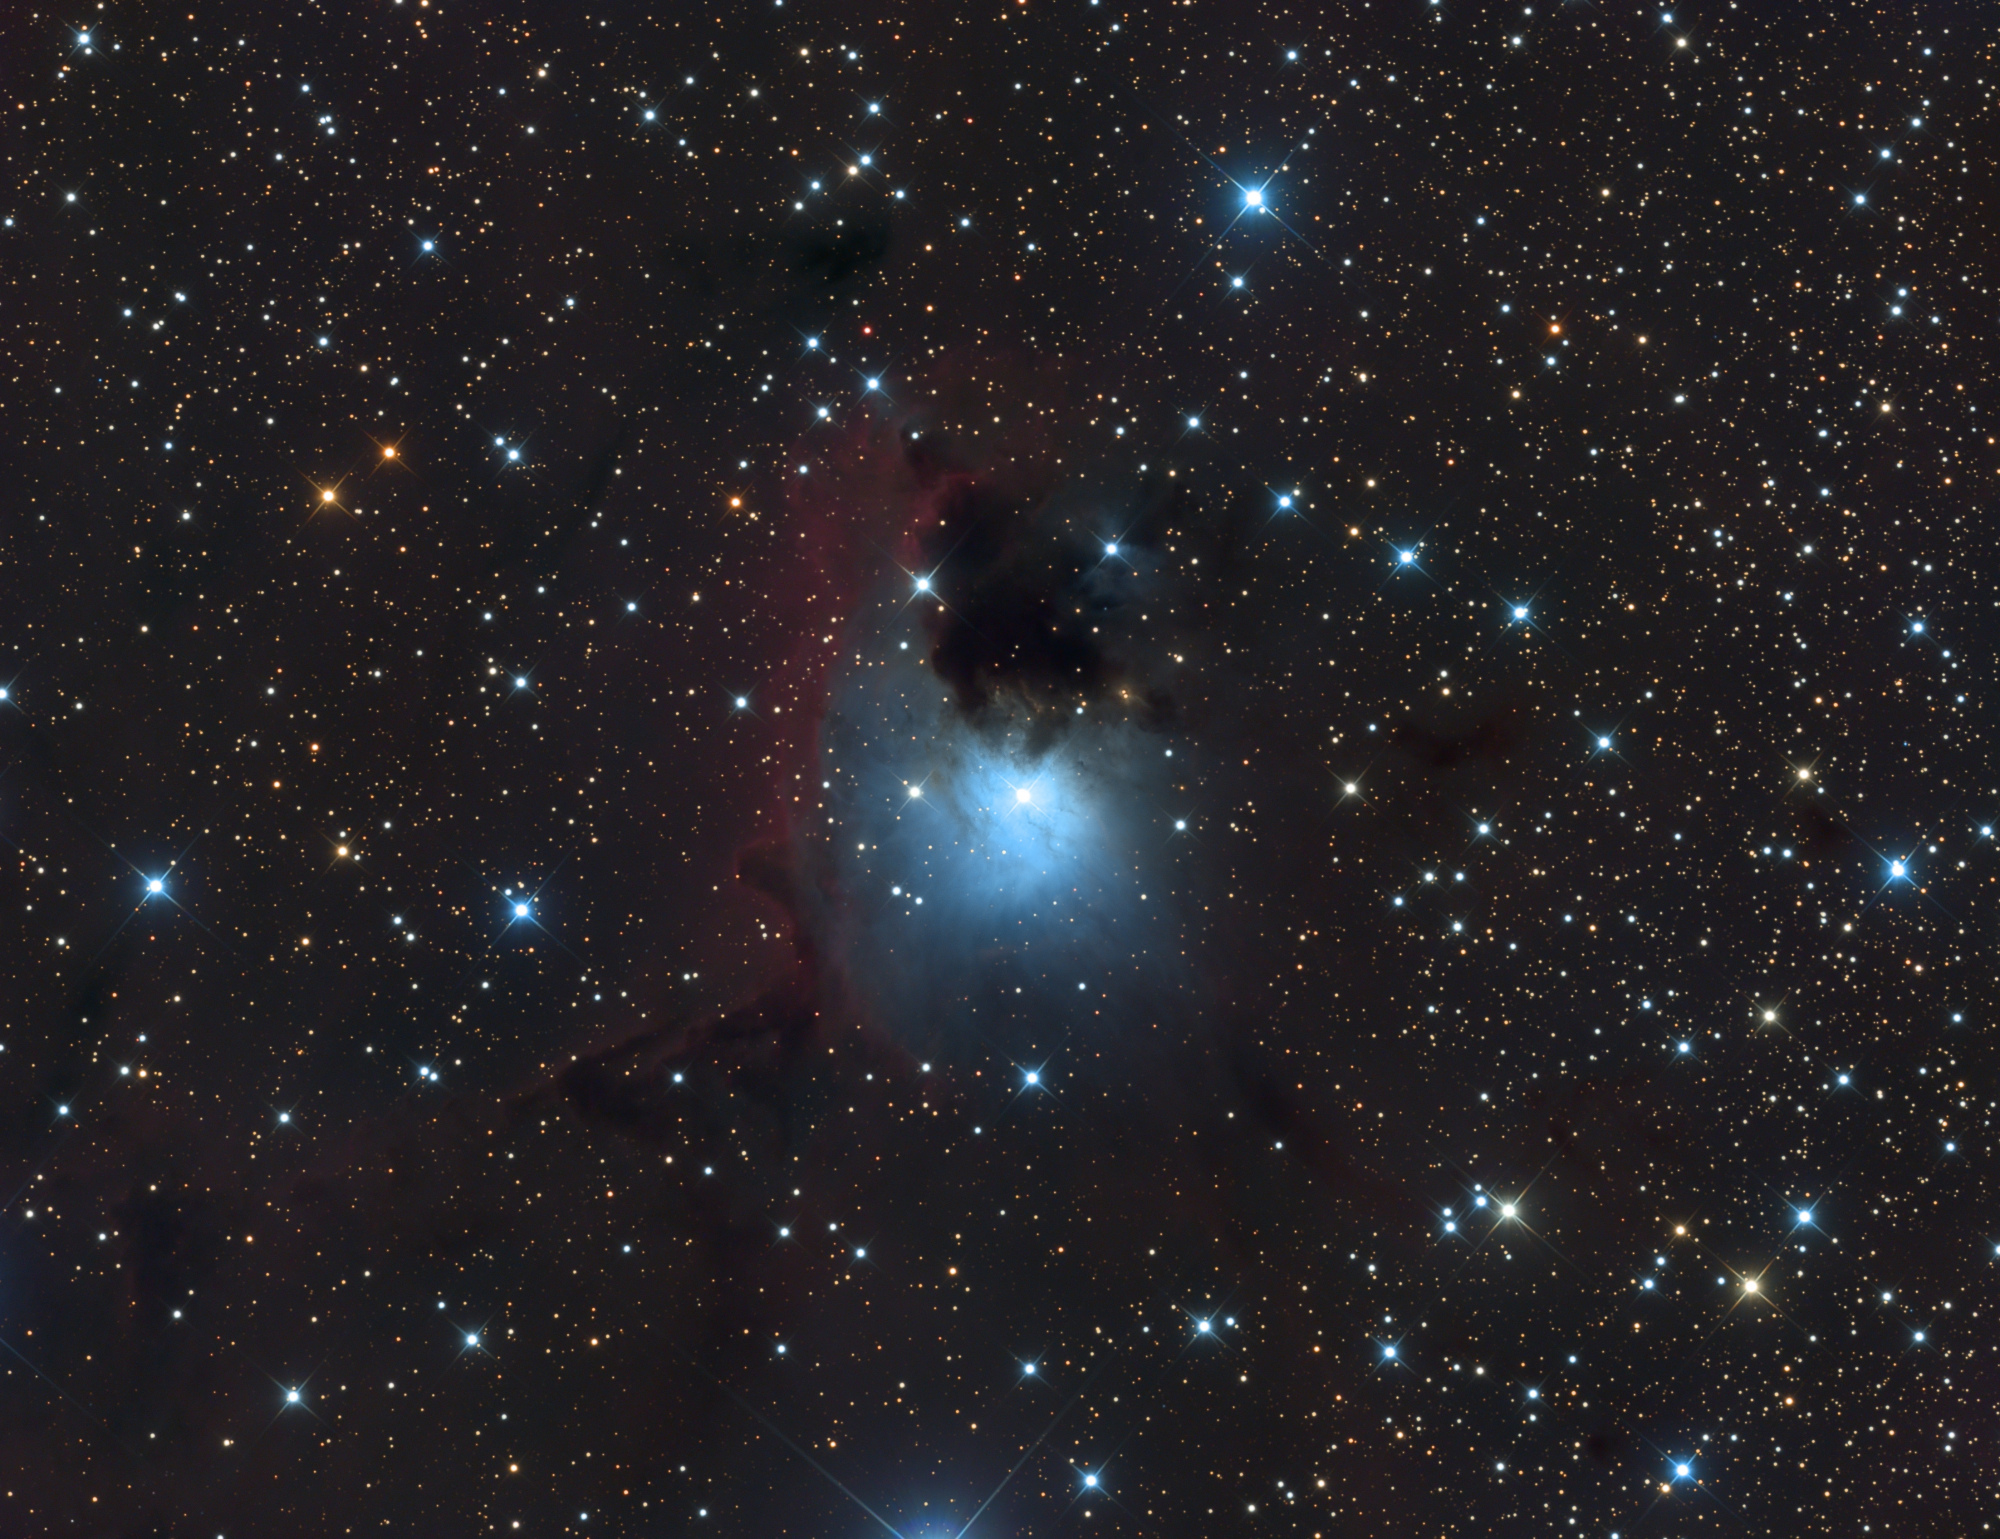 NGC2626LRVB-V31-Publi.thumb.jpg.c4b3b80524a6a8aff0be594e6df8638f.jpg